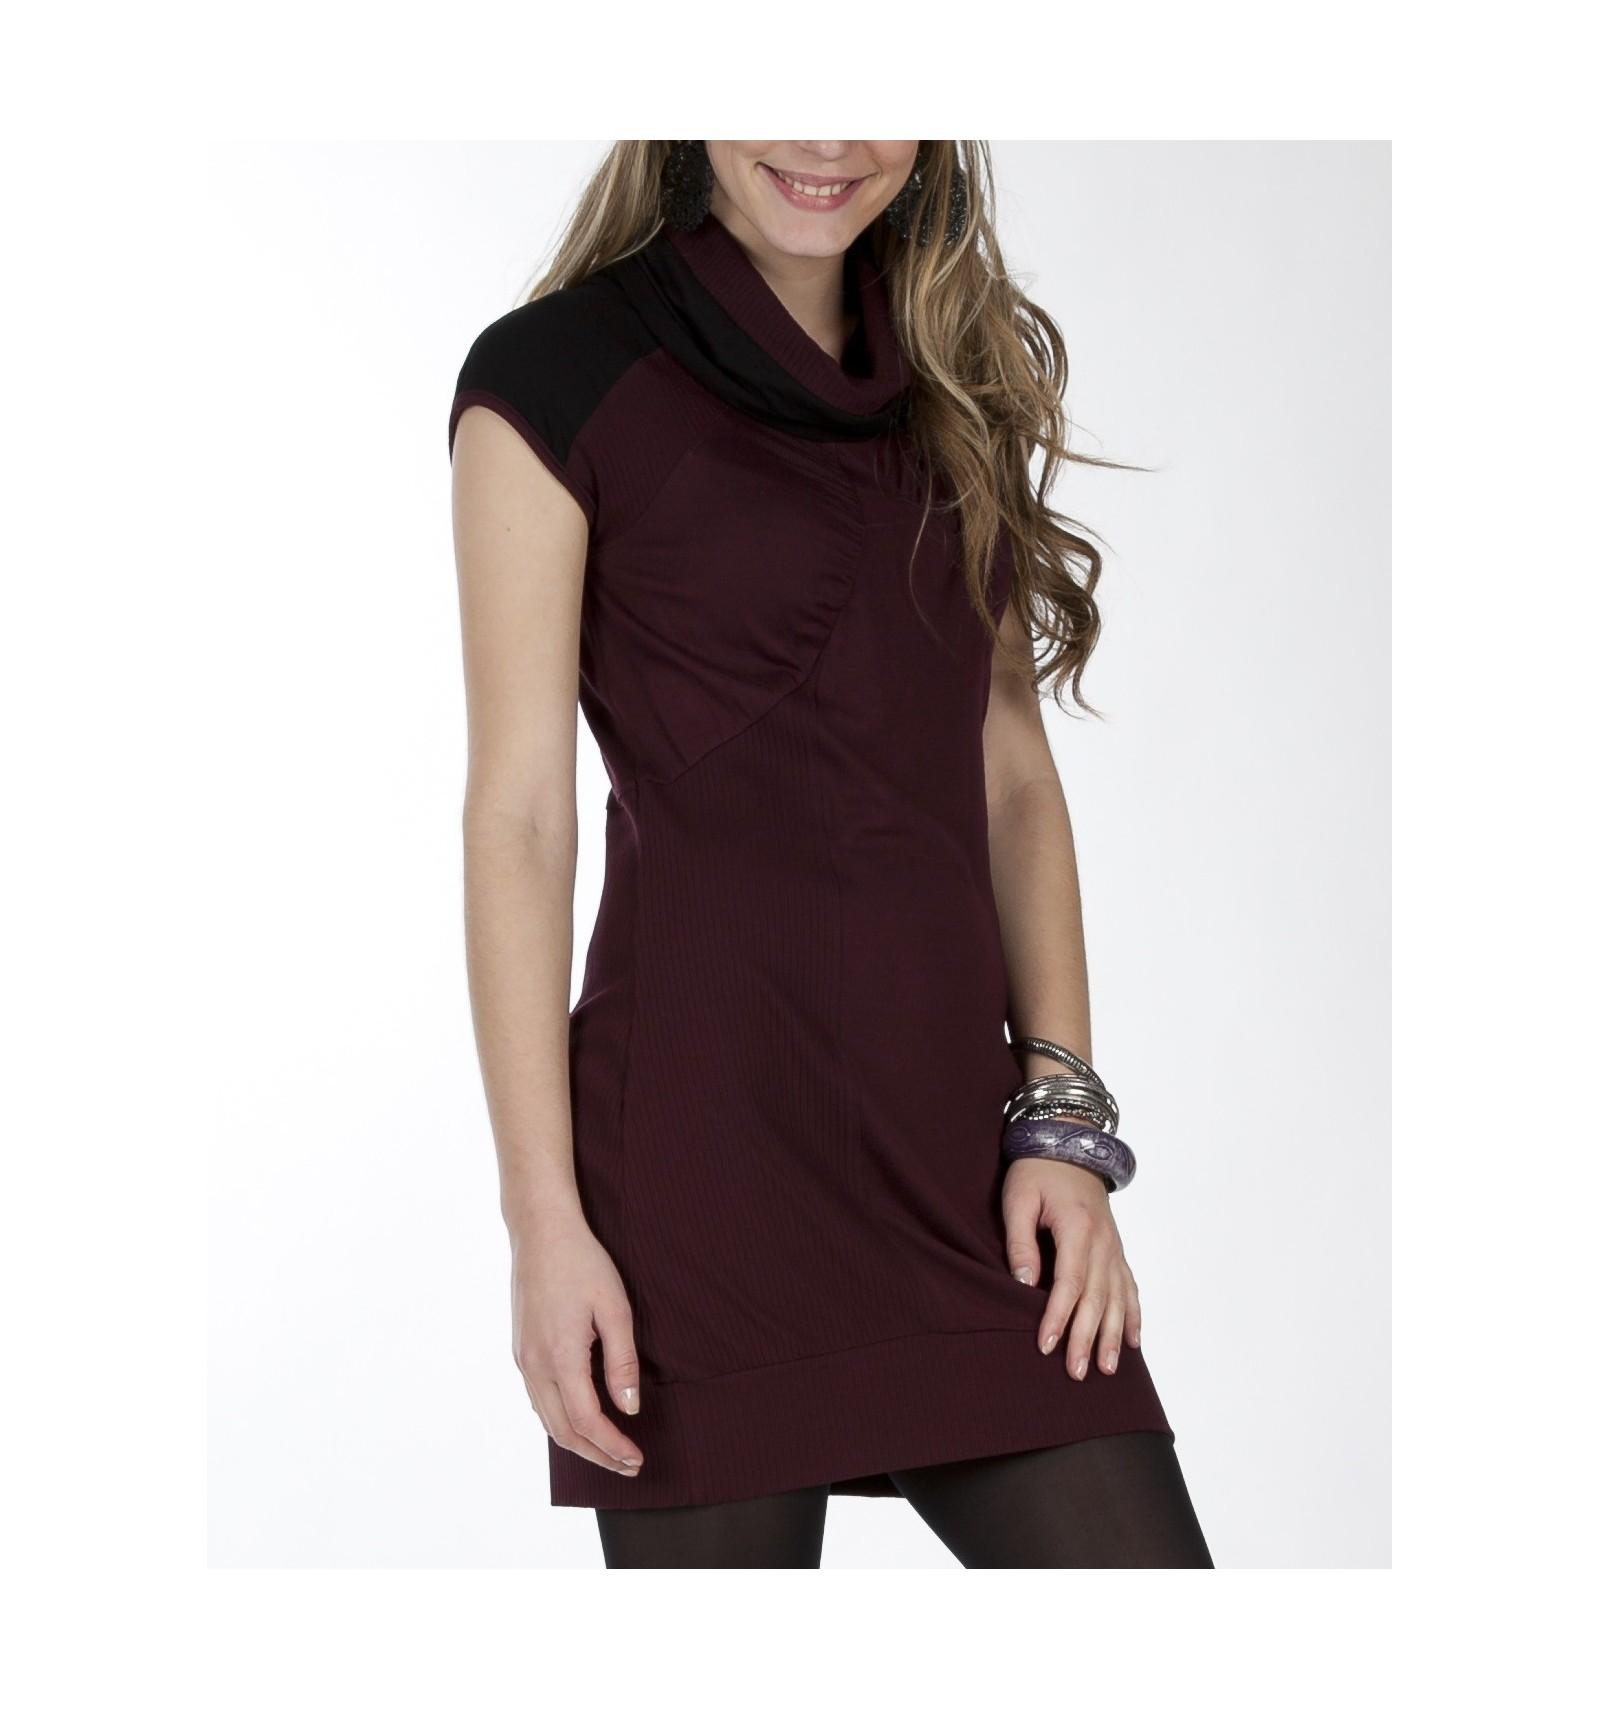 Short Dress Plum Maloka Col Top - Mode-Lin.com